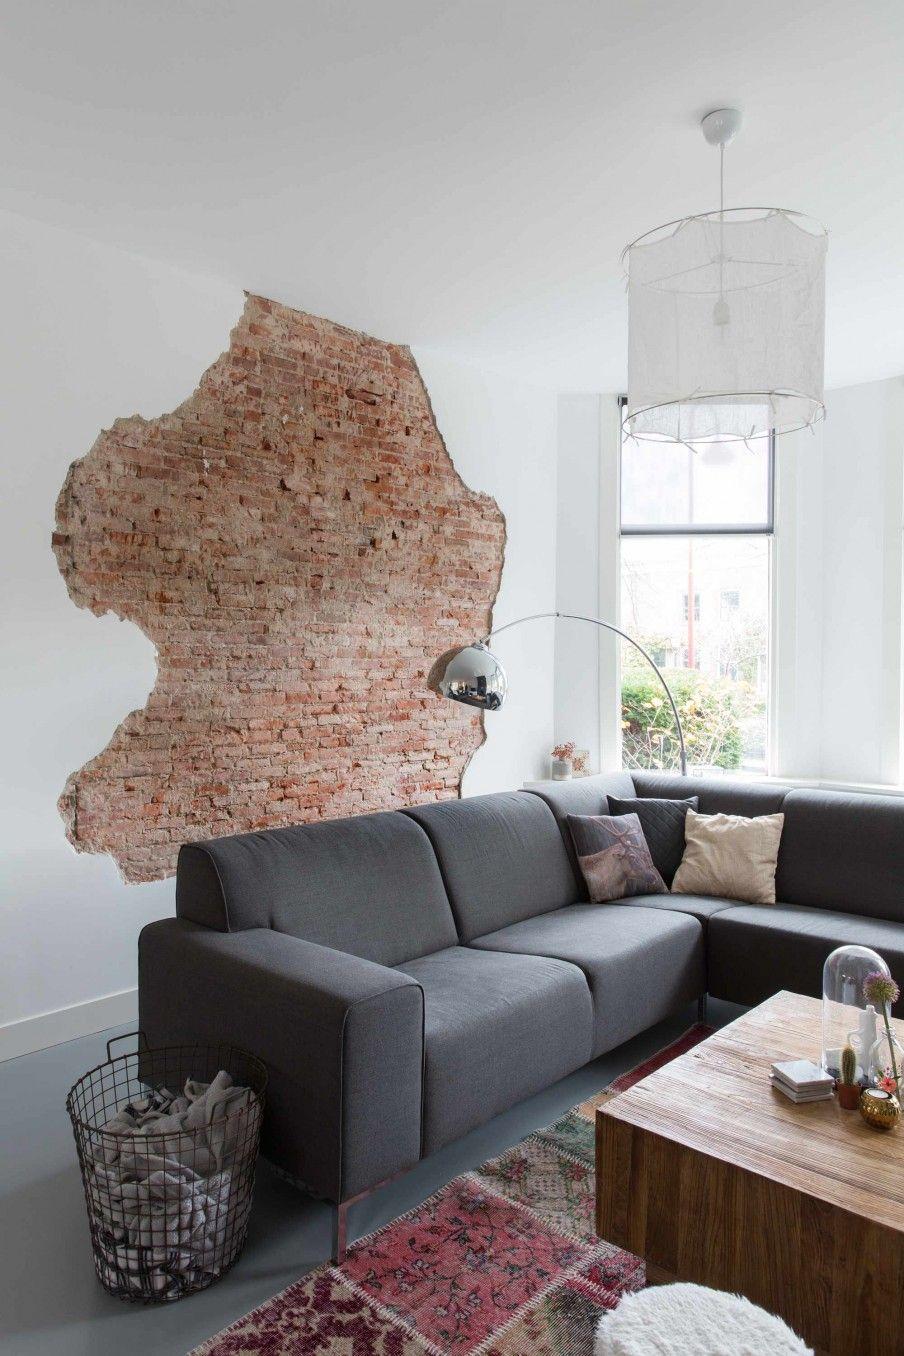 Woonkamer met grijze bank en bakstenen muur  Living room